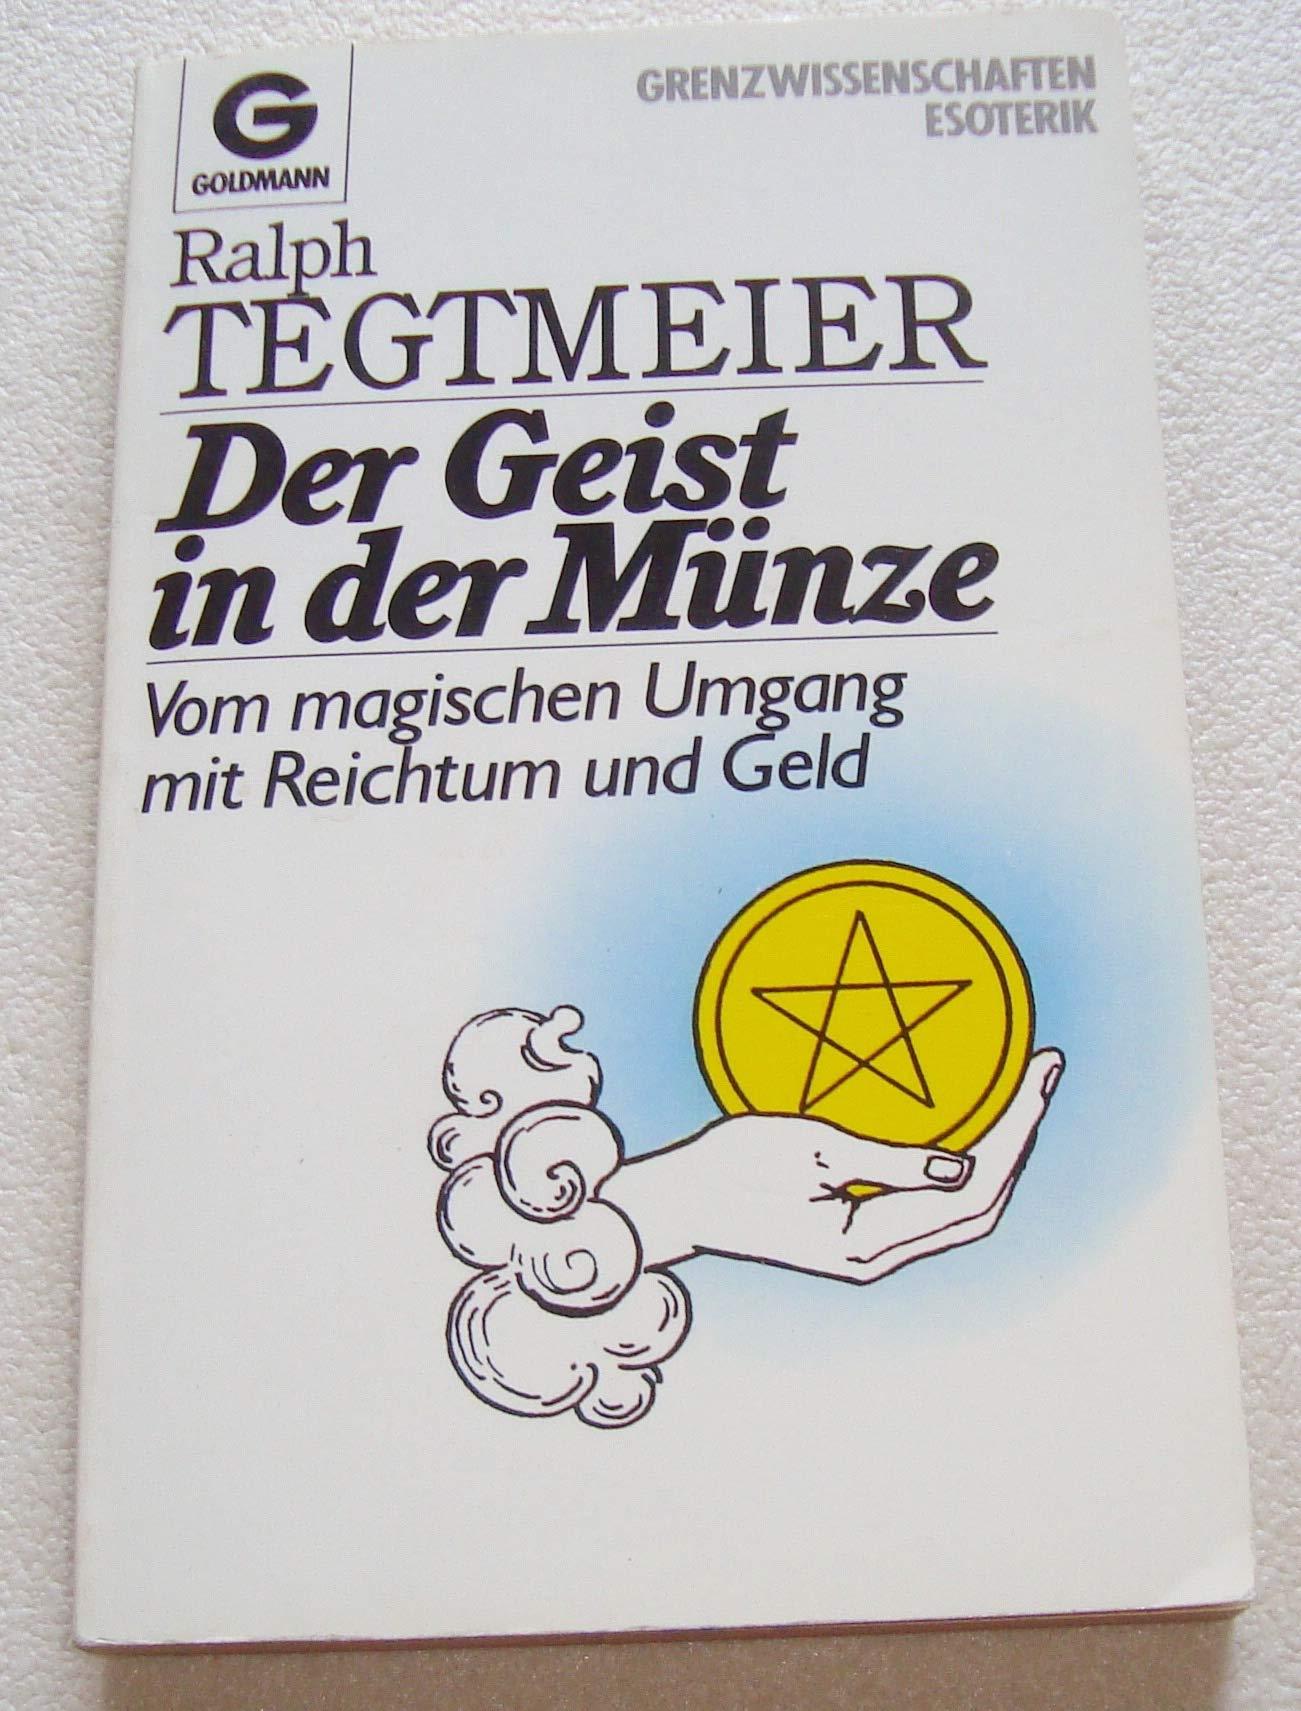 Der Geist in der Münze: Vom magischen Umgang mit Reichtum und Geld Taschenbuch – 1. April 1988 Ralph Tegtmeier Goldmann Verlag 3442118204 Grenzwissenschaften